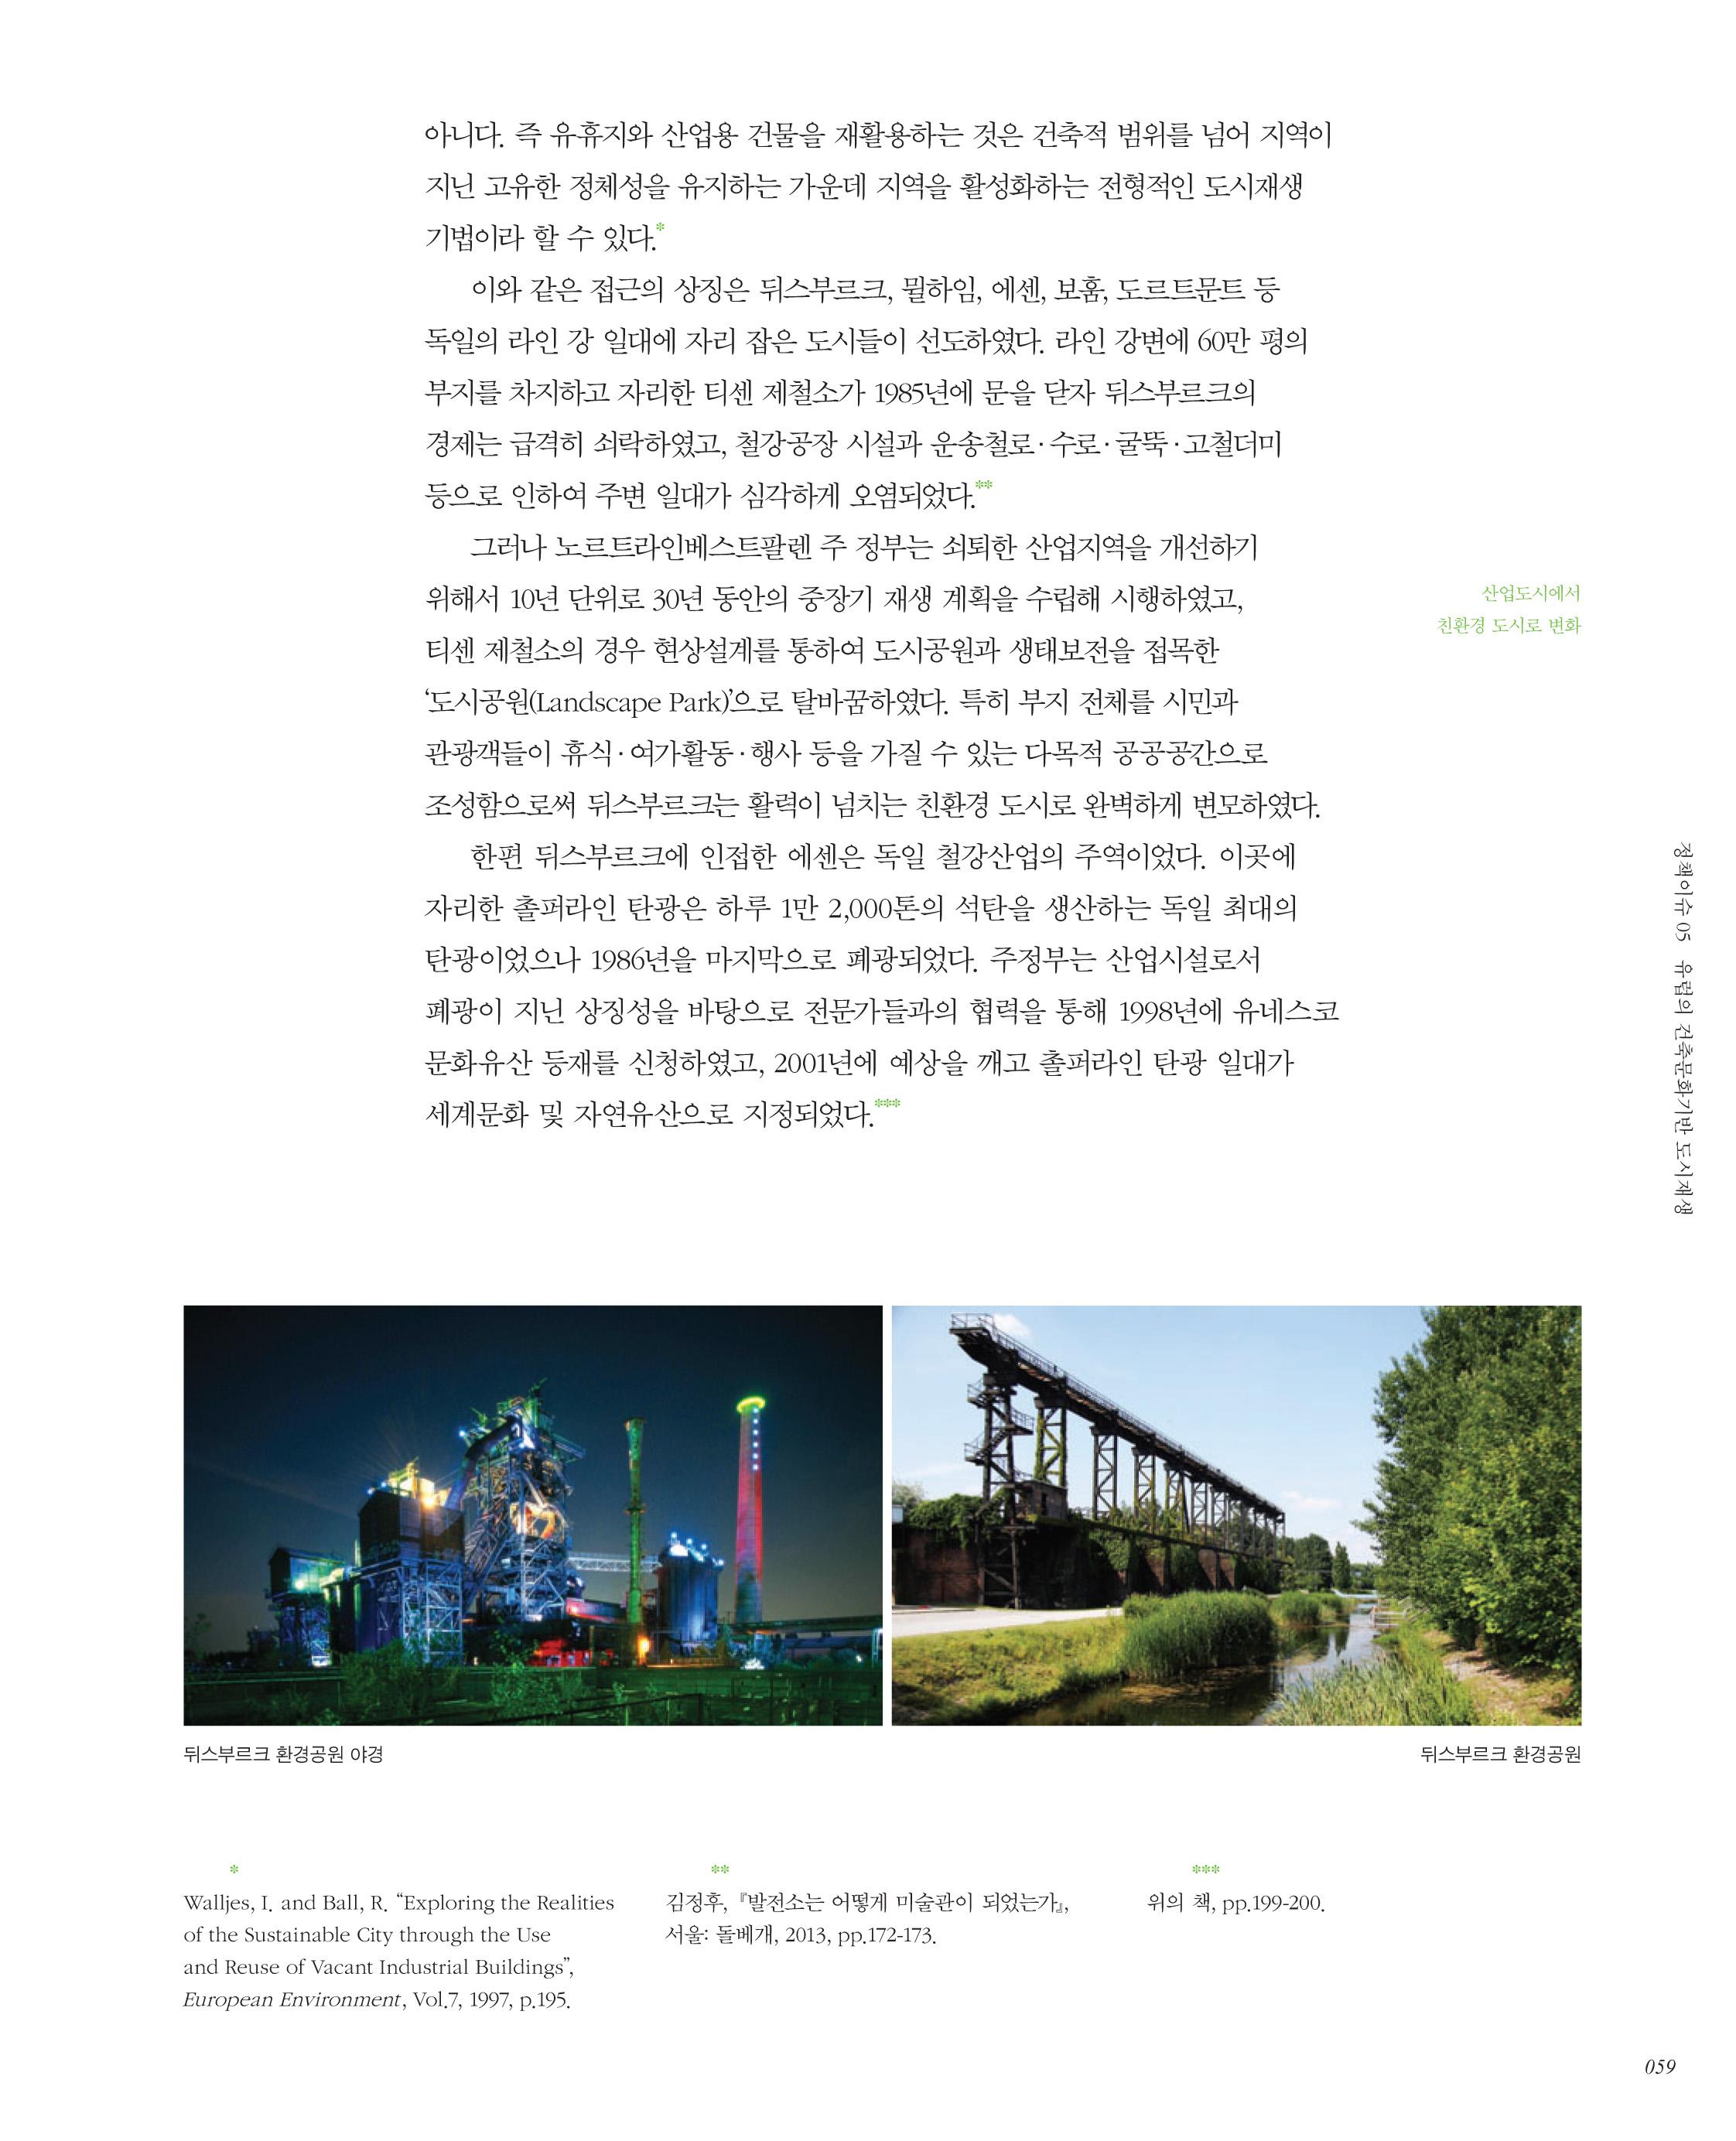 유럽의 건축문화기반 도시재생_김정후 박사-11.jpg